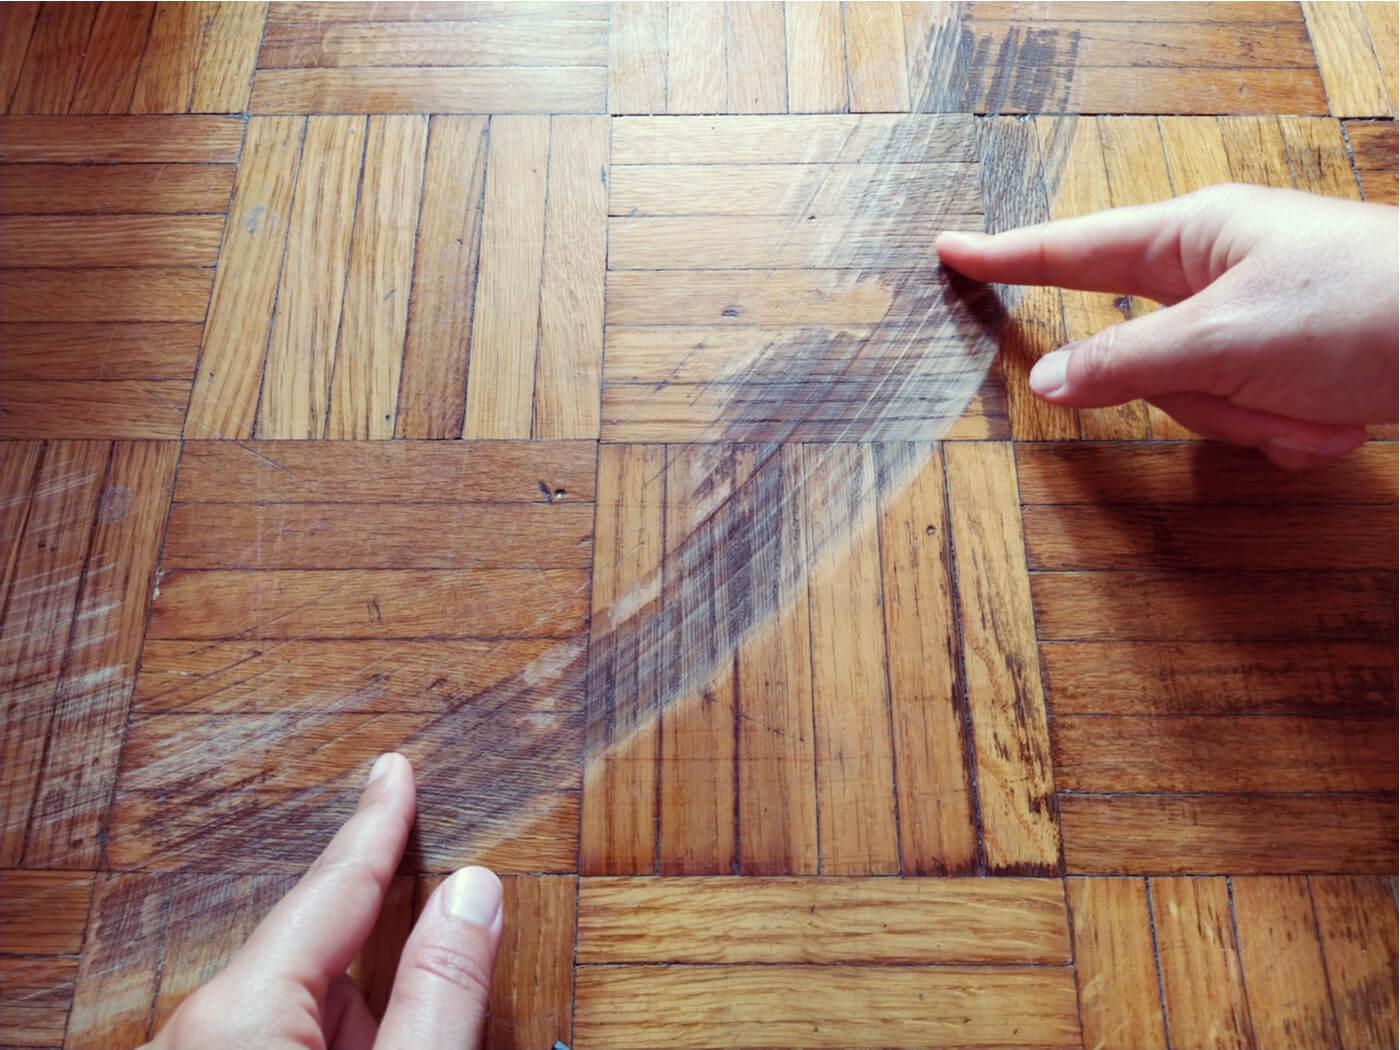 Como evitar o desgaste do piso causado pelo atrito das cadeiras